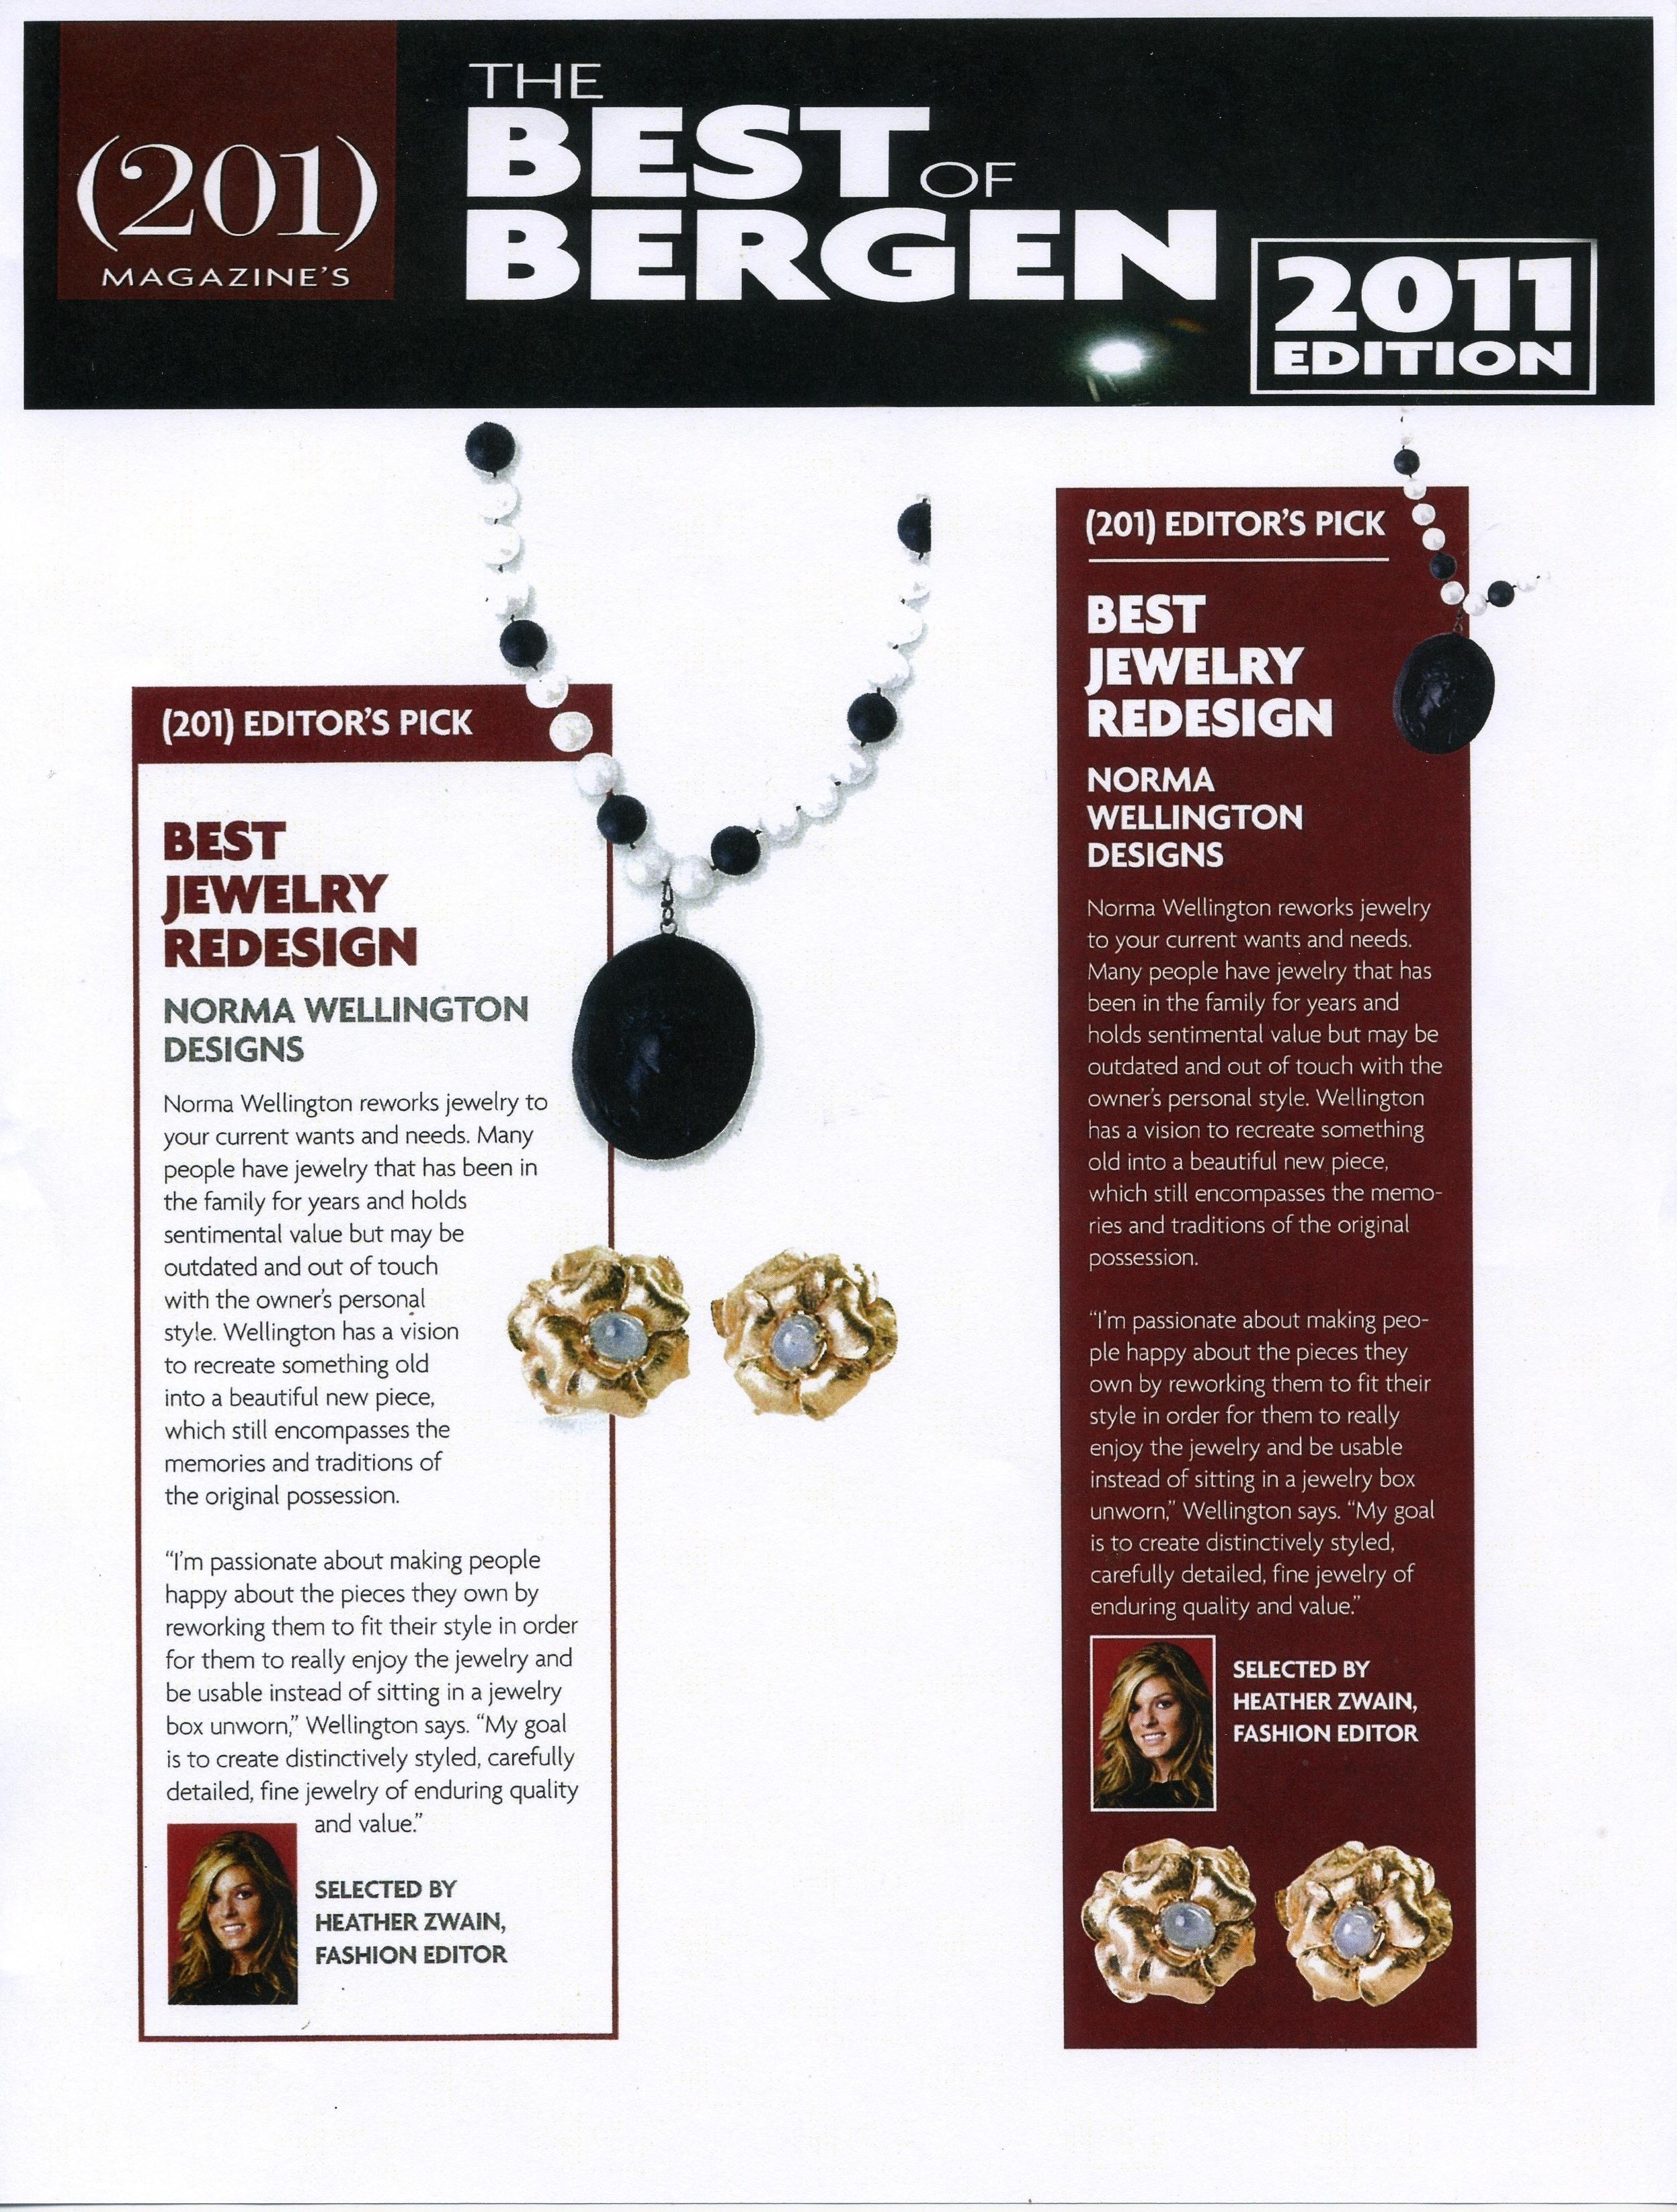 Best re designer of Bergen Bergen.jpg